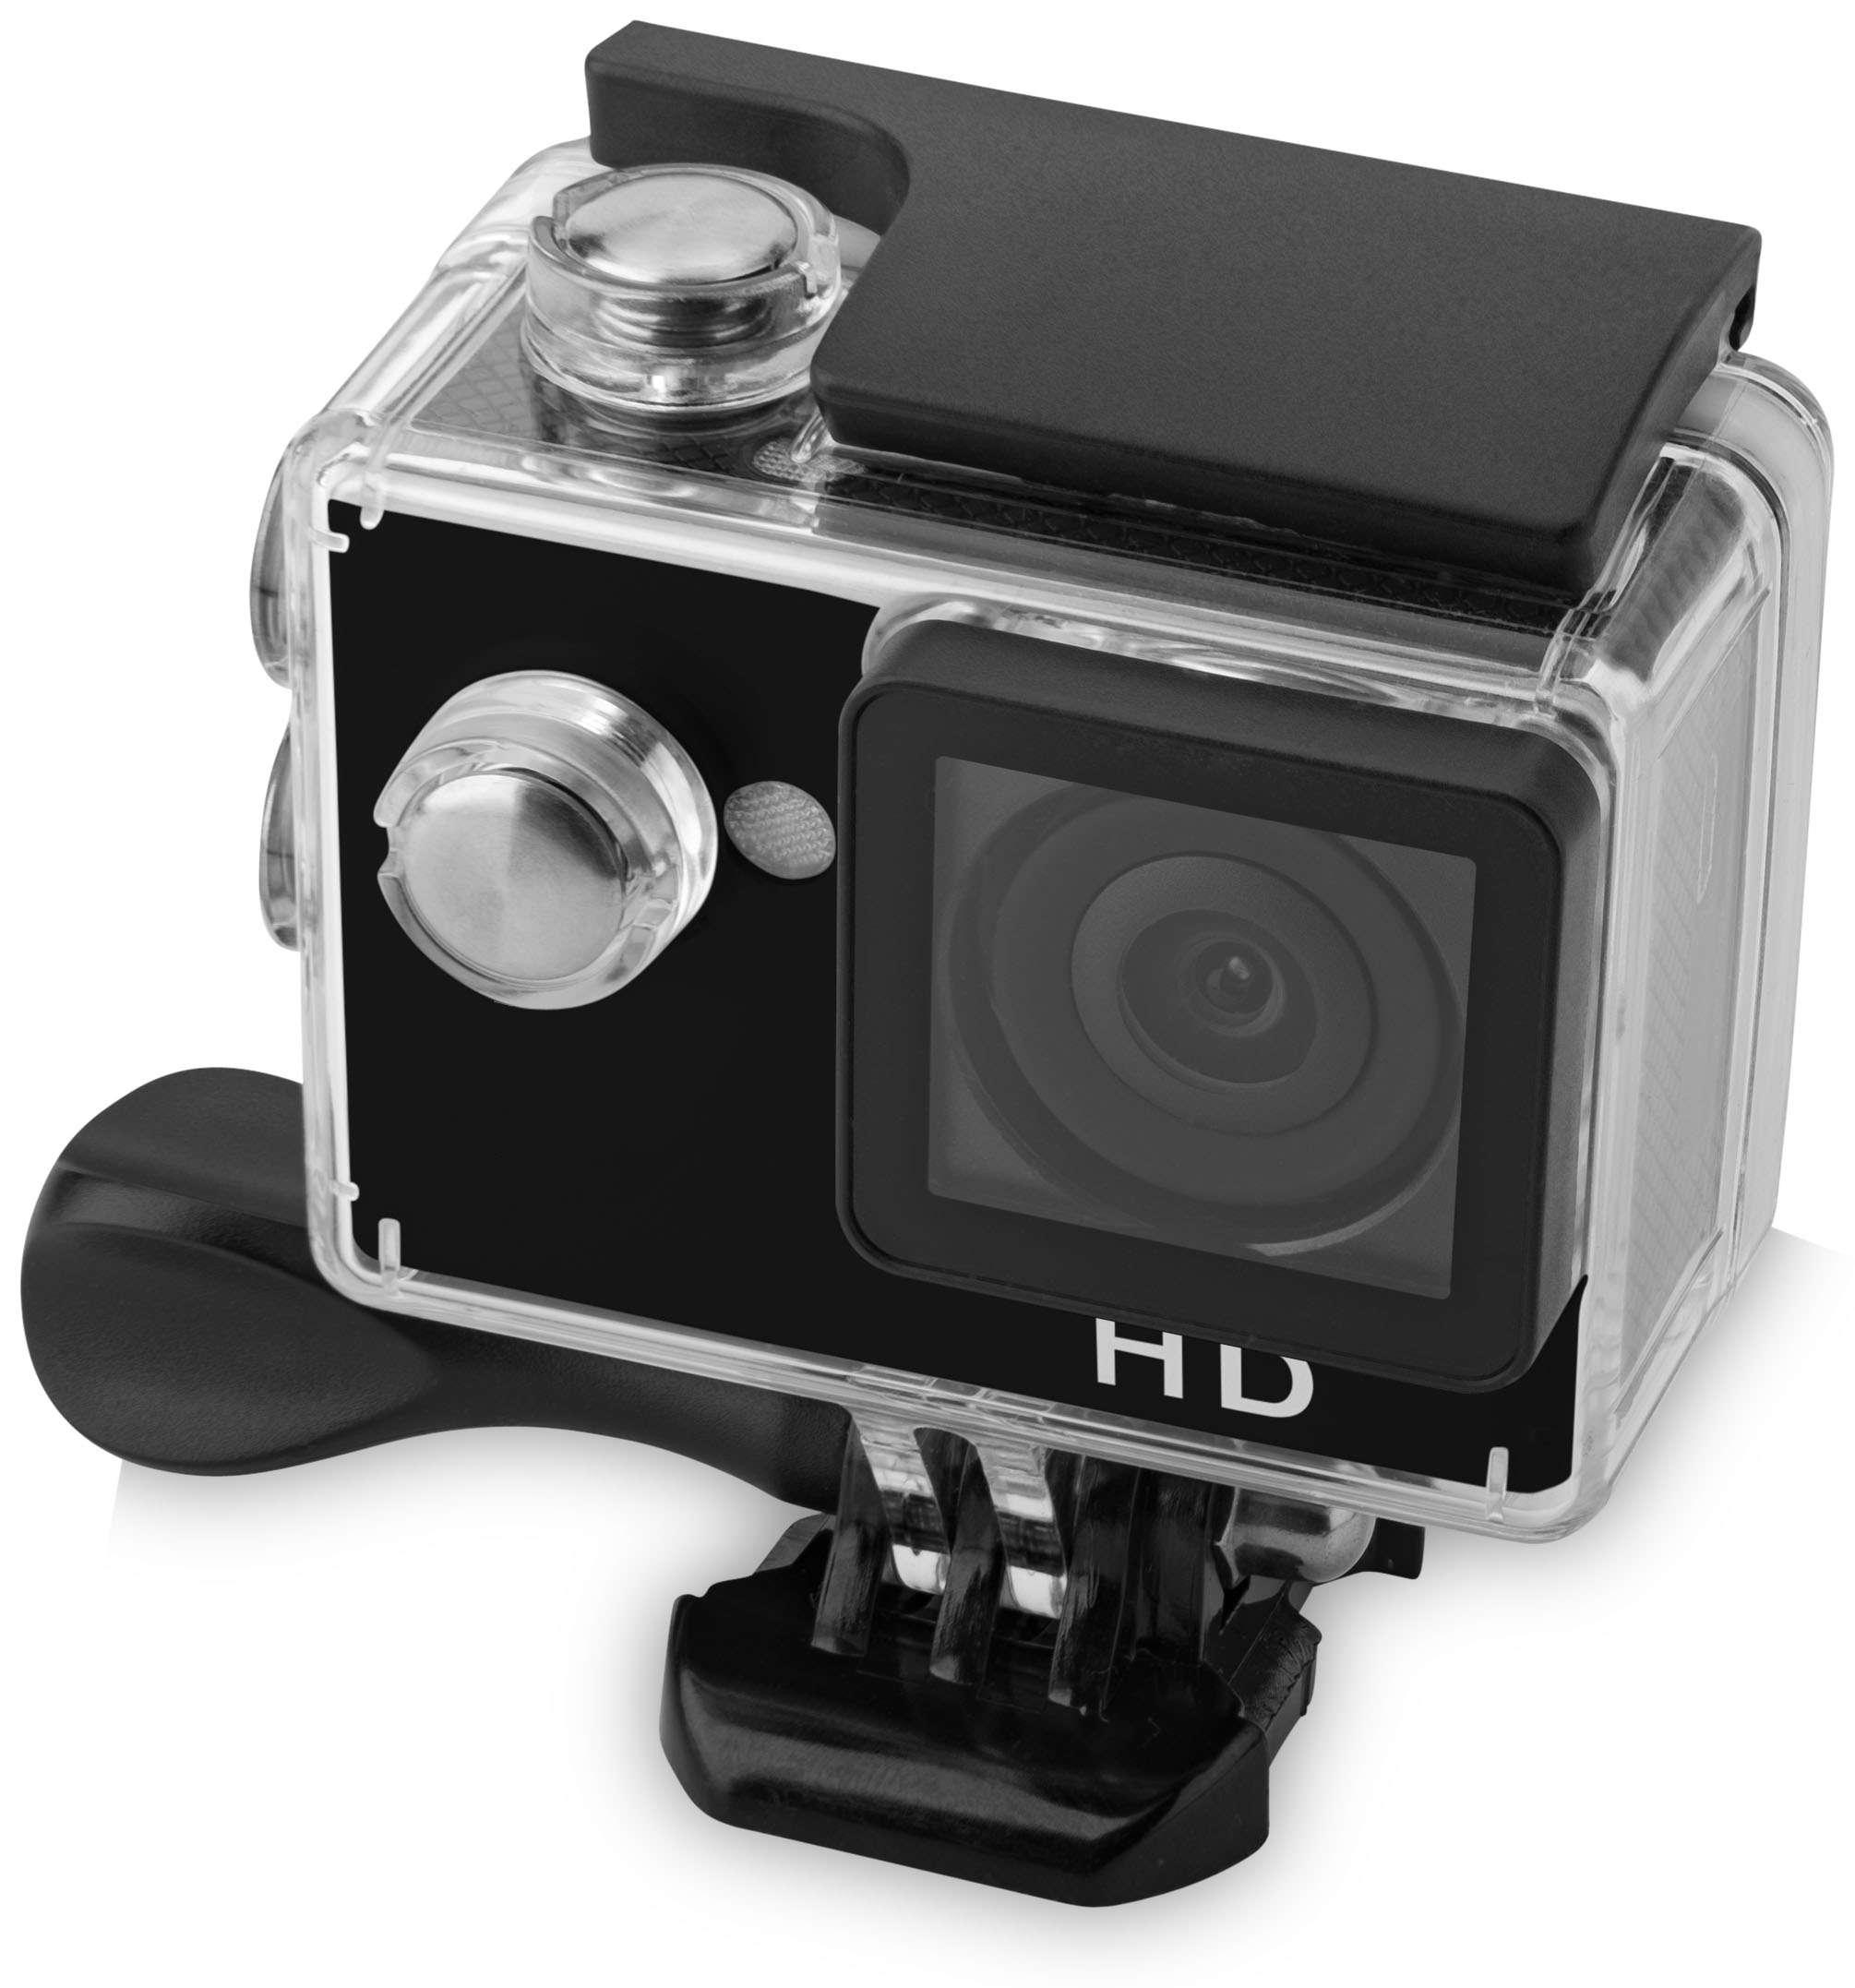 Caméra personnalisable Feat - caméra promotionnelle